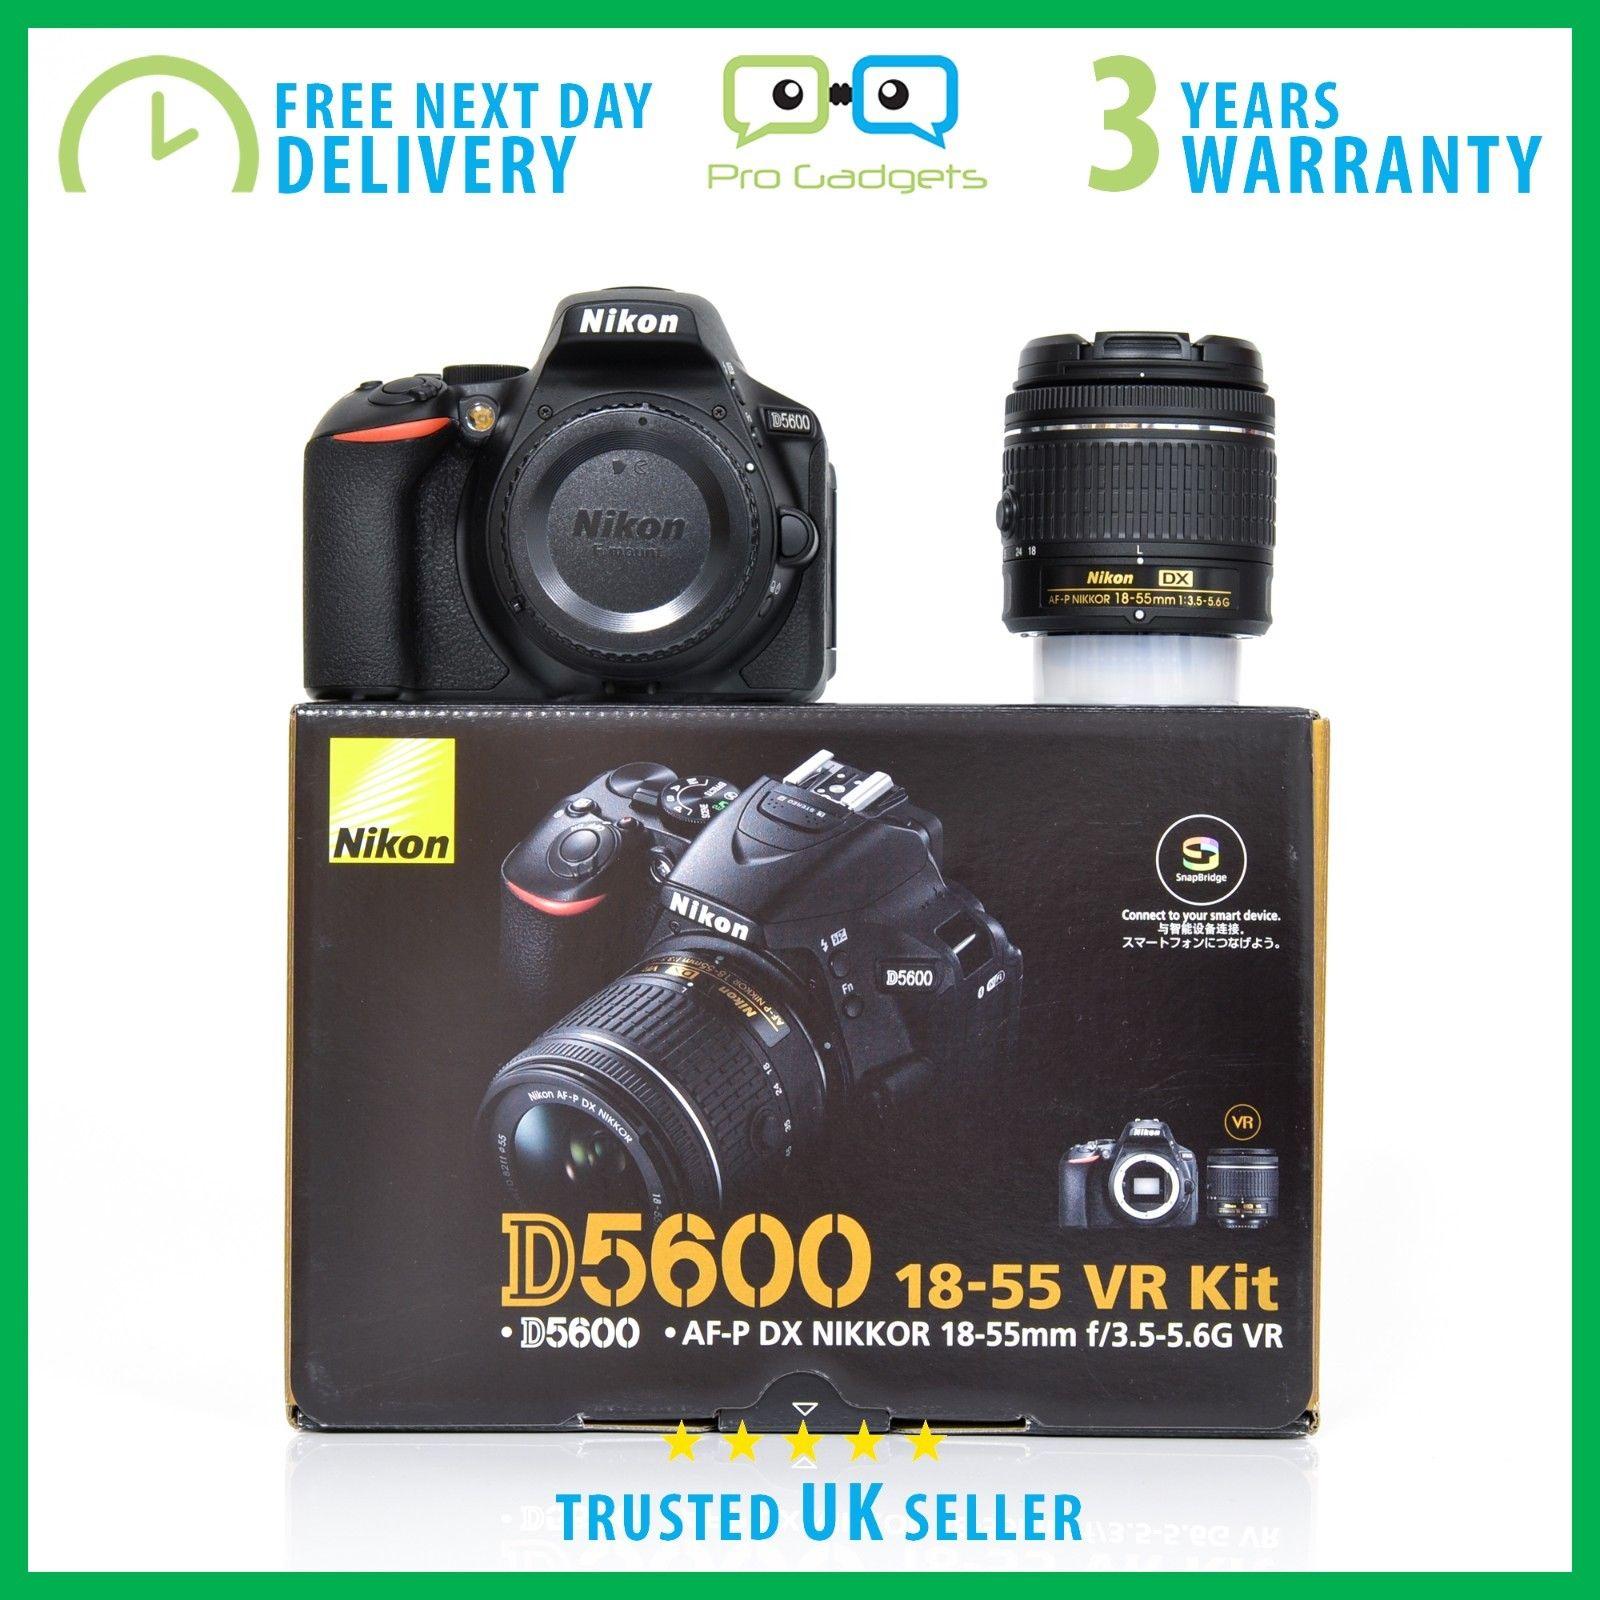 Nikon D5600 Kit with AF-P DX NIKKOR 18-55mm f/3.5-5.6G VR Lens - 3 Year Warranty